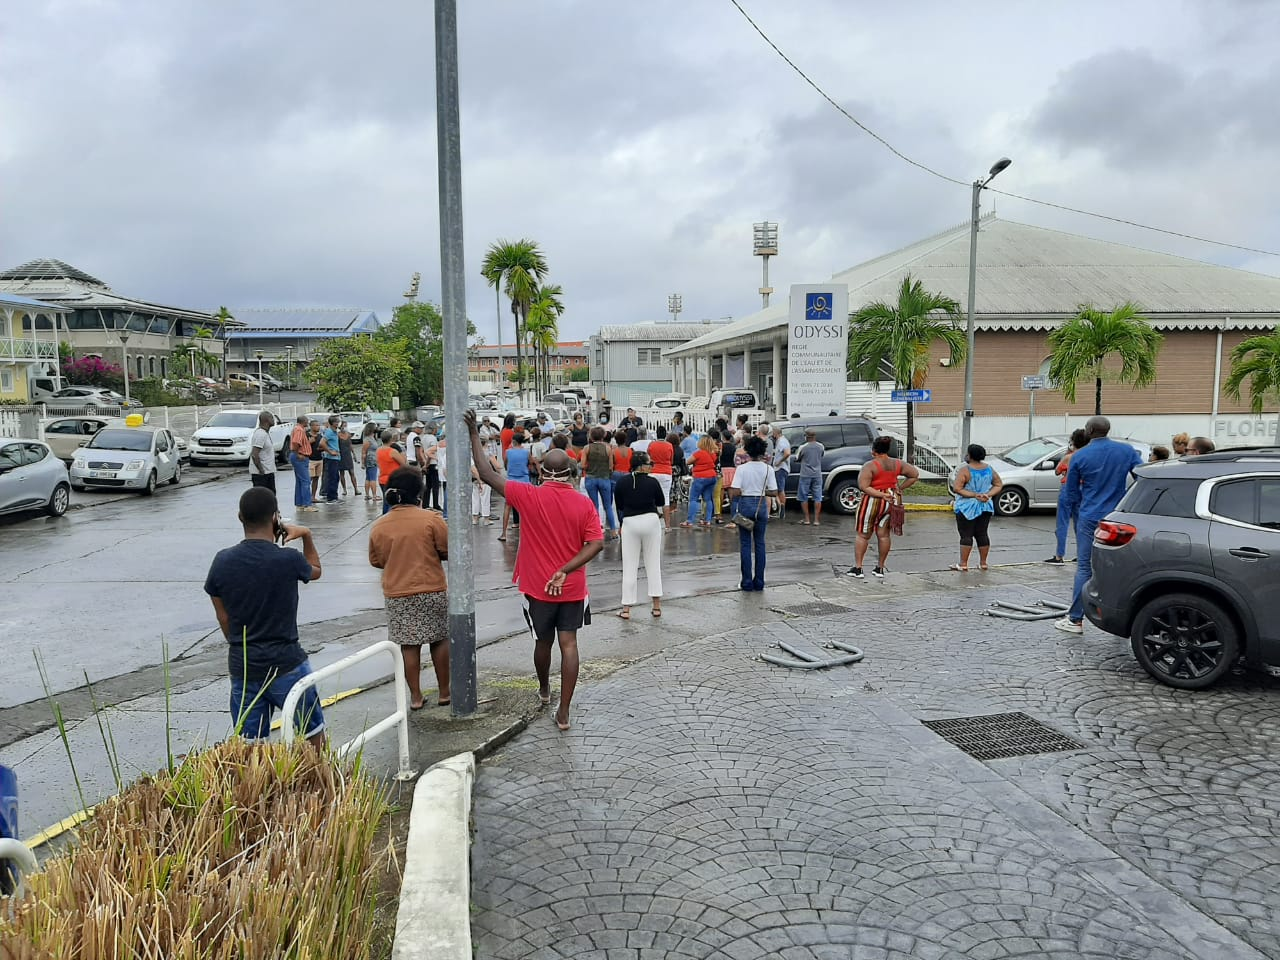 La colère des usagers de l'eau face à Odyssi et la SME